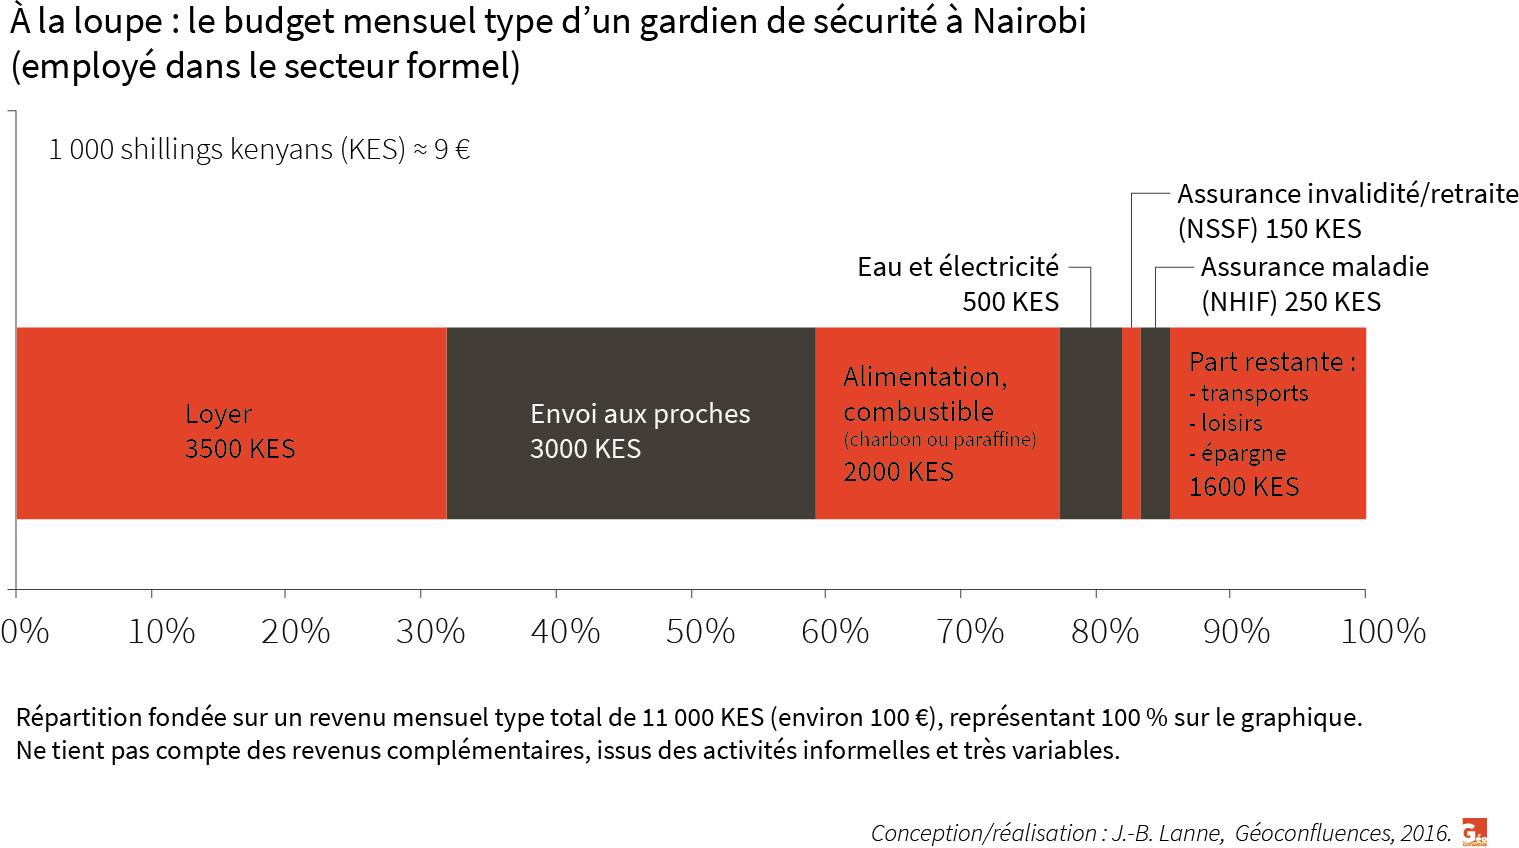 Graphique budget moyen d'un gardien de sécurité à Nairobi